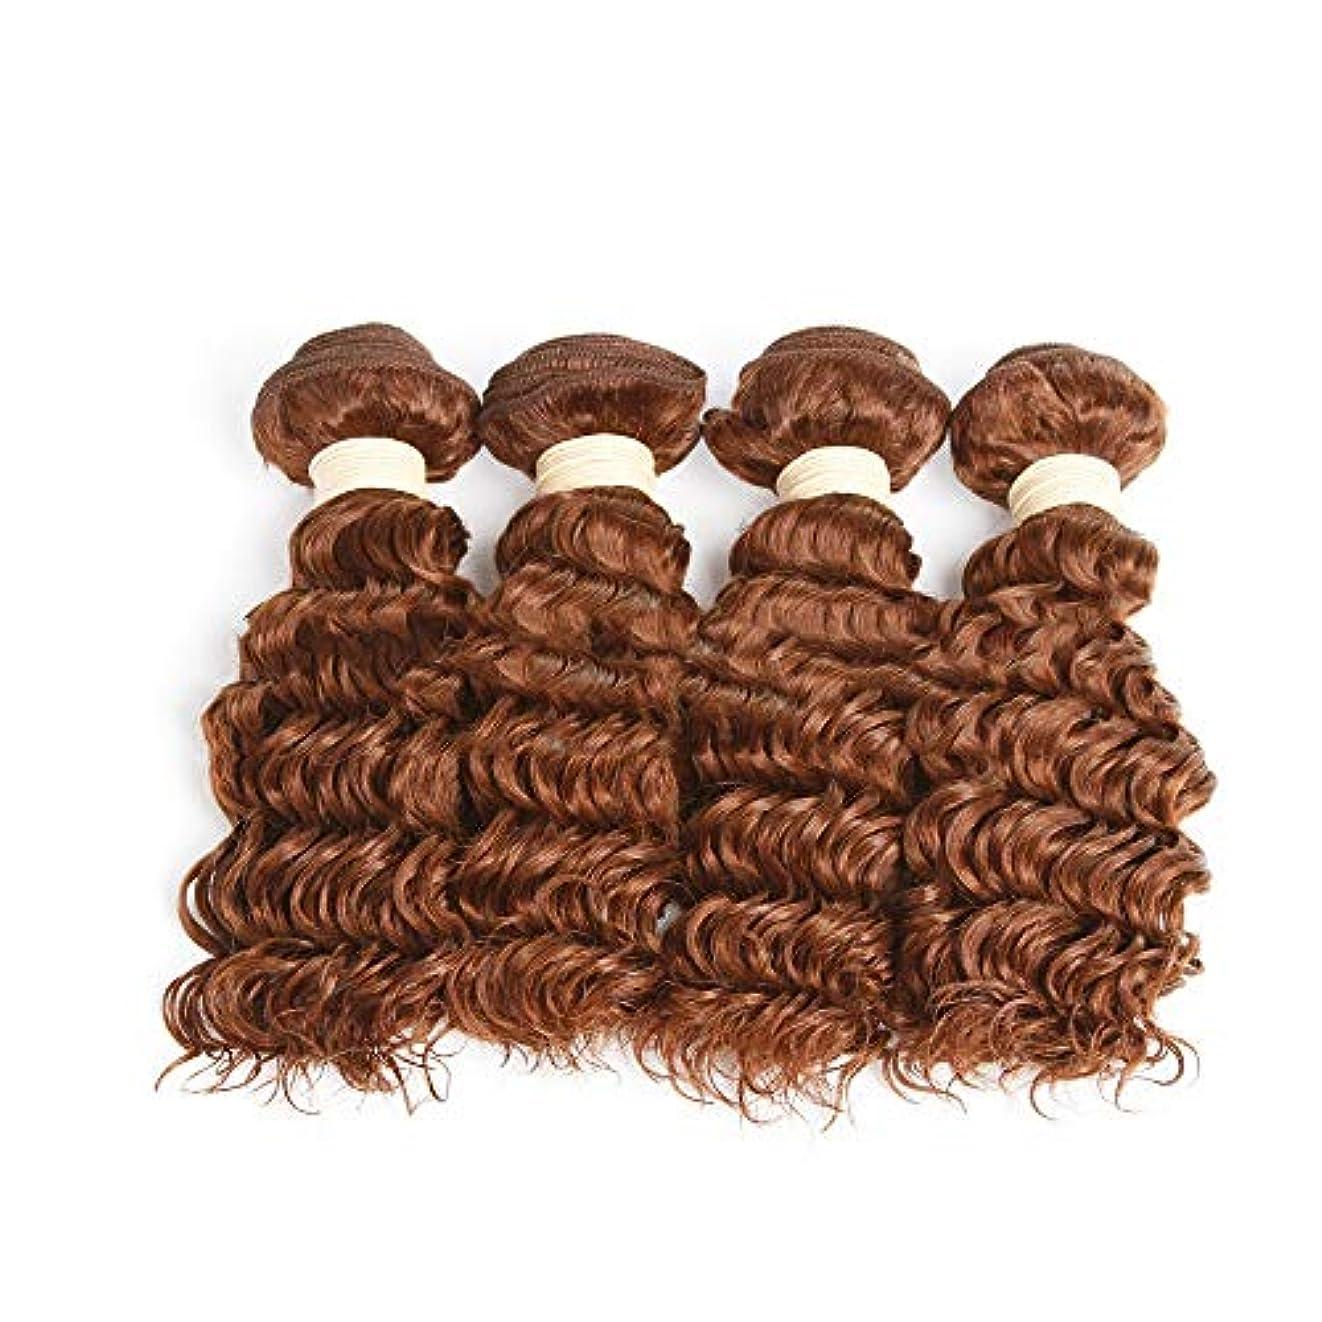 踏み台兄弟愛怠けたMayalina ブラジルのディープウェーブの毛100%未処理の人間の毛髪延長1バンドル#30ブライトブラウン色ブラジルのバージンヘア8-26インチロールプレイングかつら女性のかつら (色 : ブラウン, サイズ : 16...